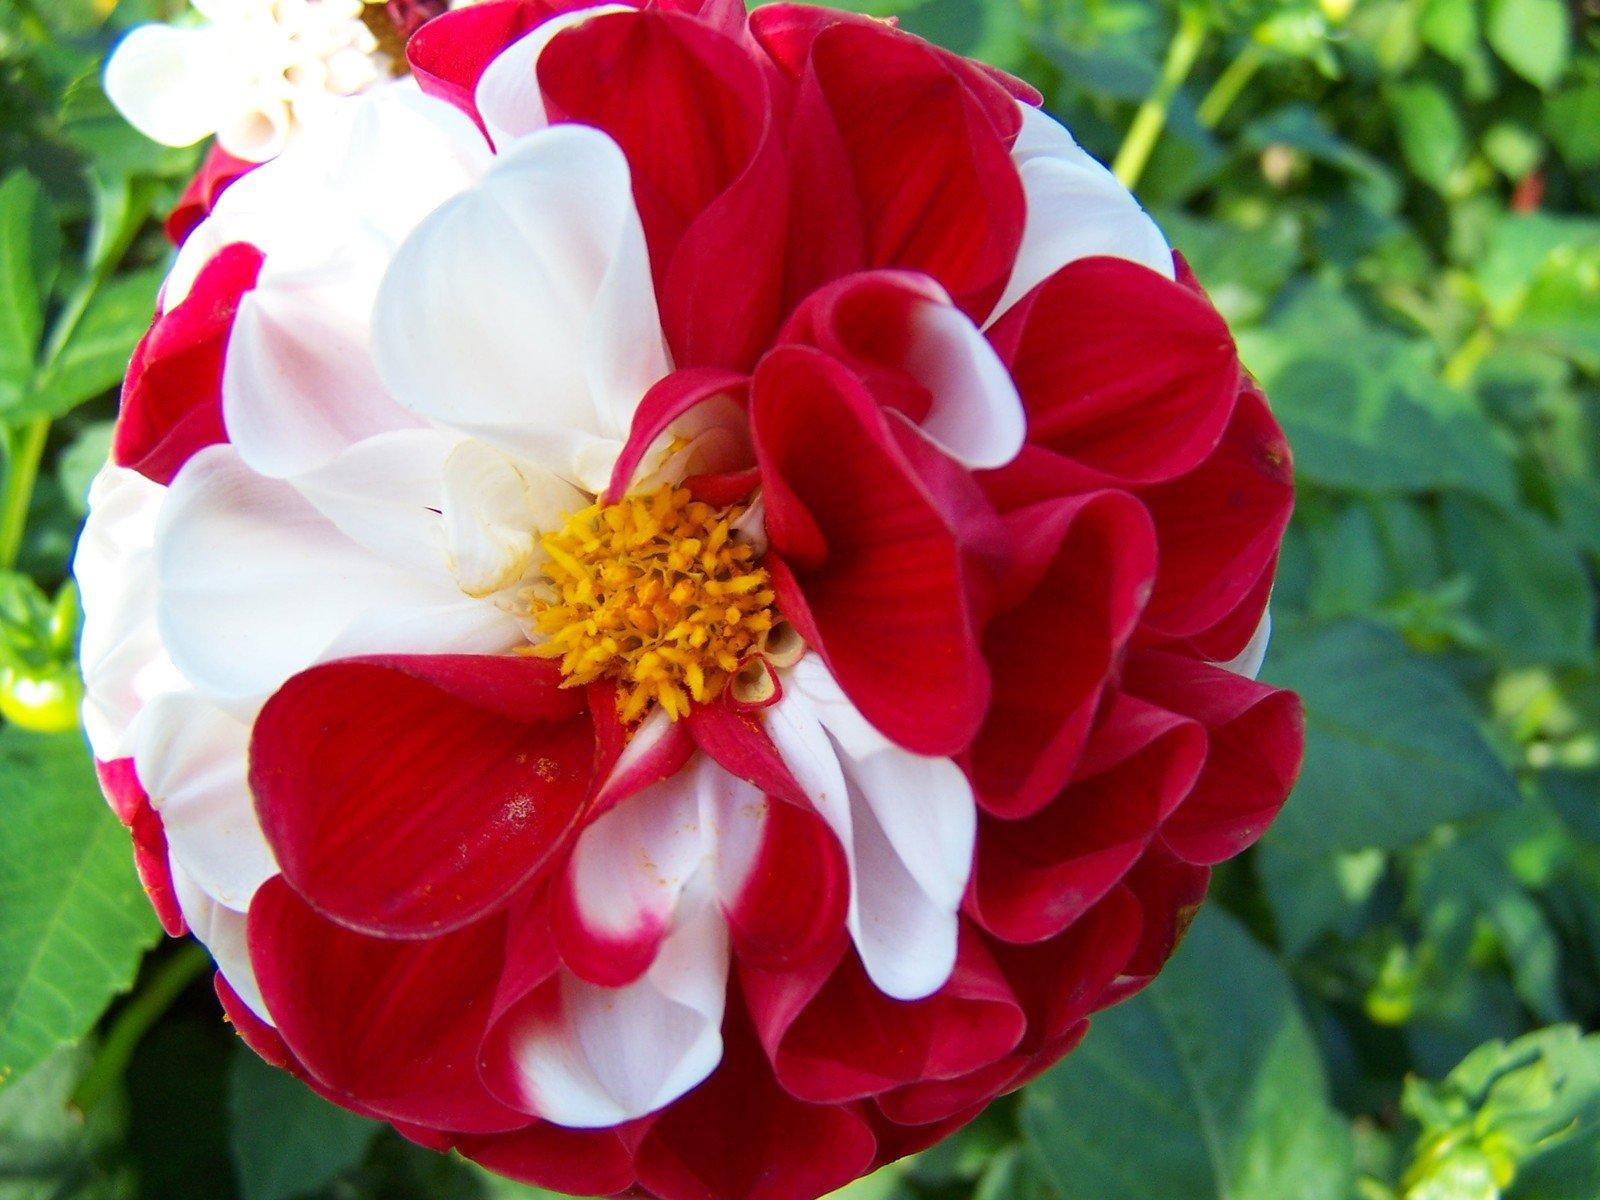 Free Flores Rojas Y Blancas Stock Photo Freeimages Com